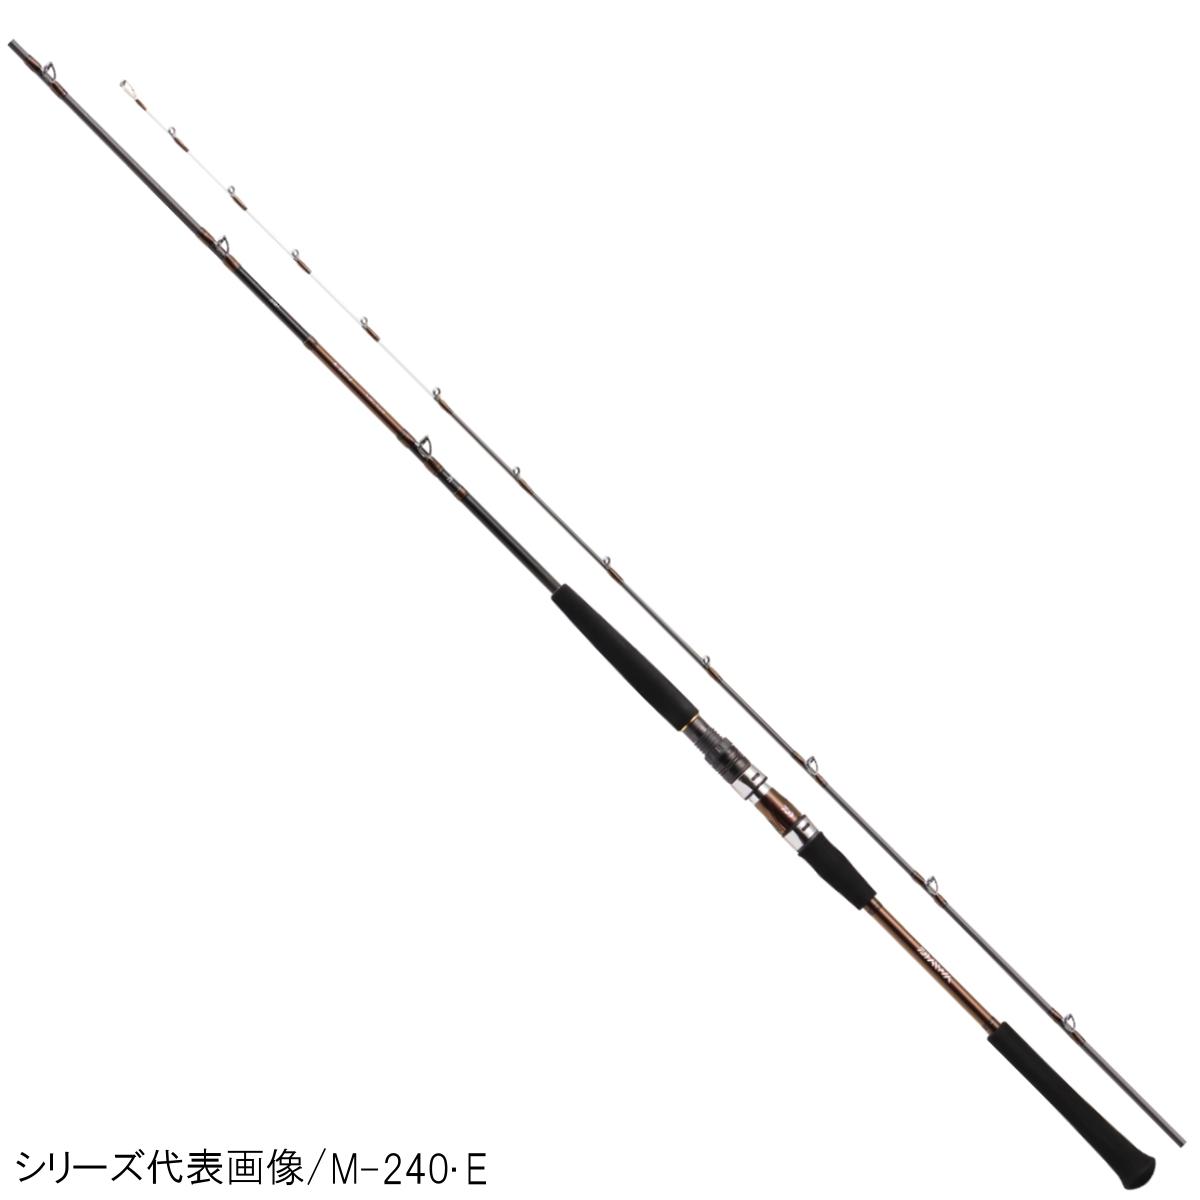 ダイワ A-ブリッツ ネライ ML-210・E【大型商品】【送料無料】